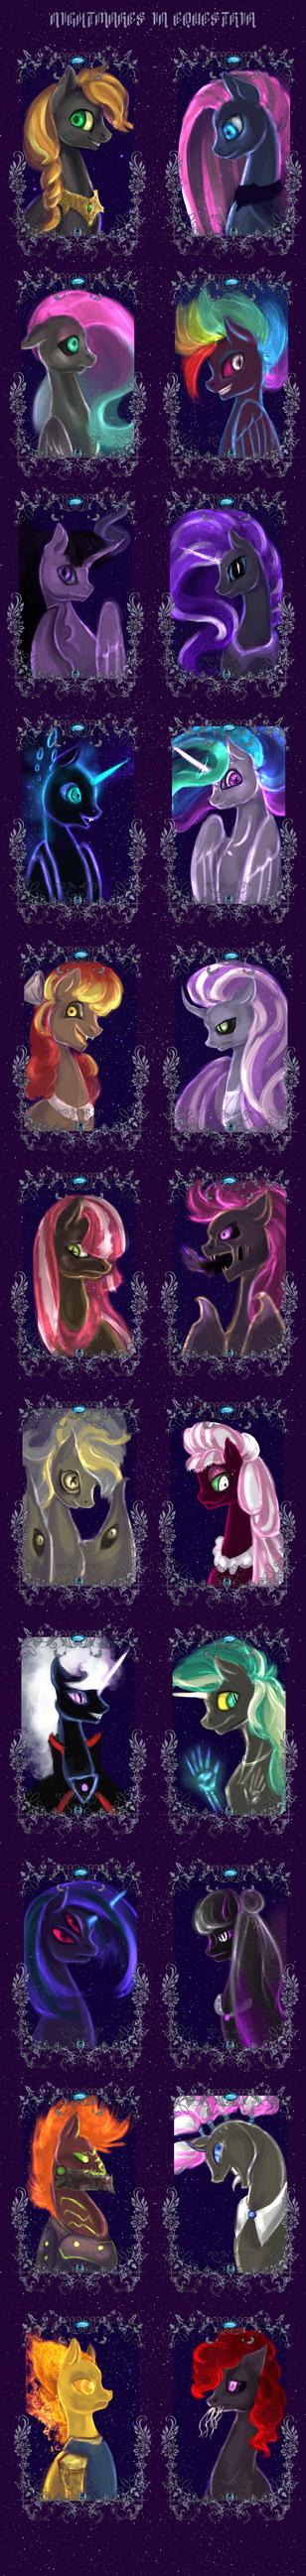 Nightmares in equestria by ElkaArt